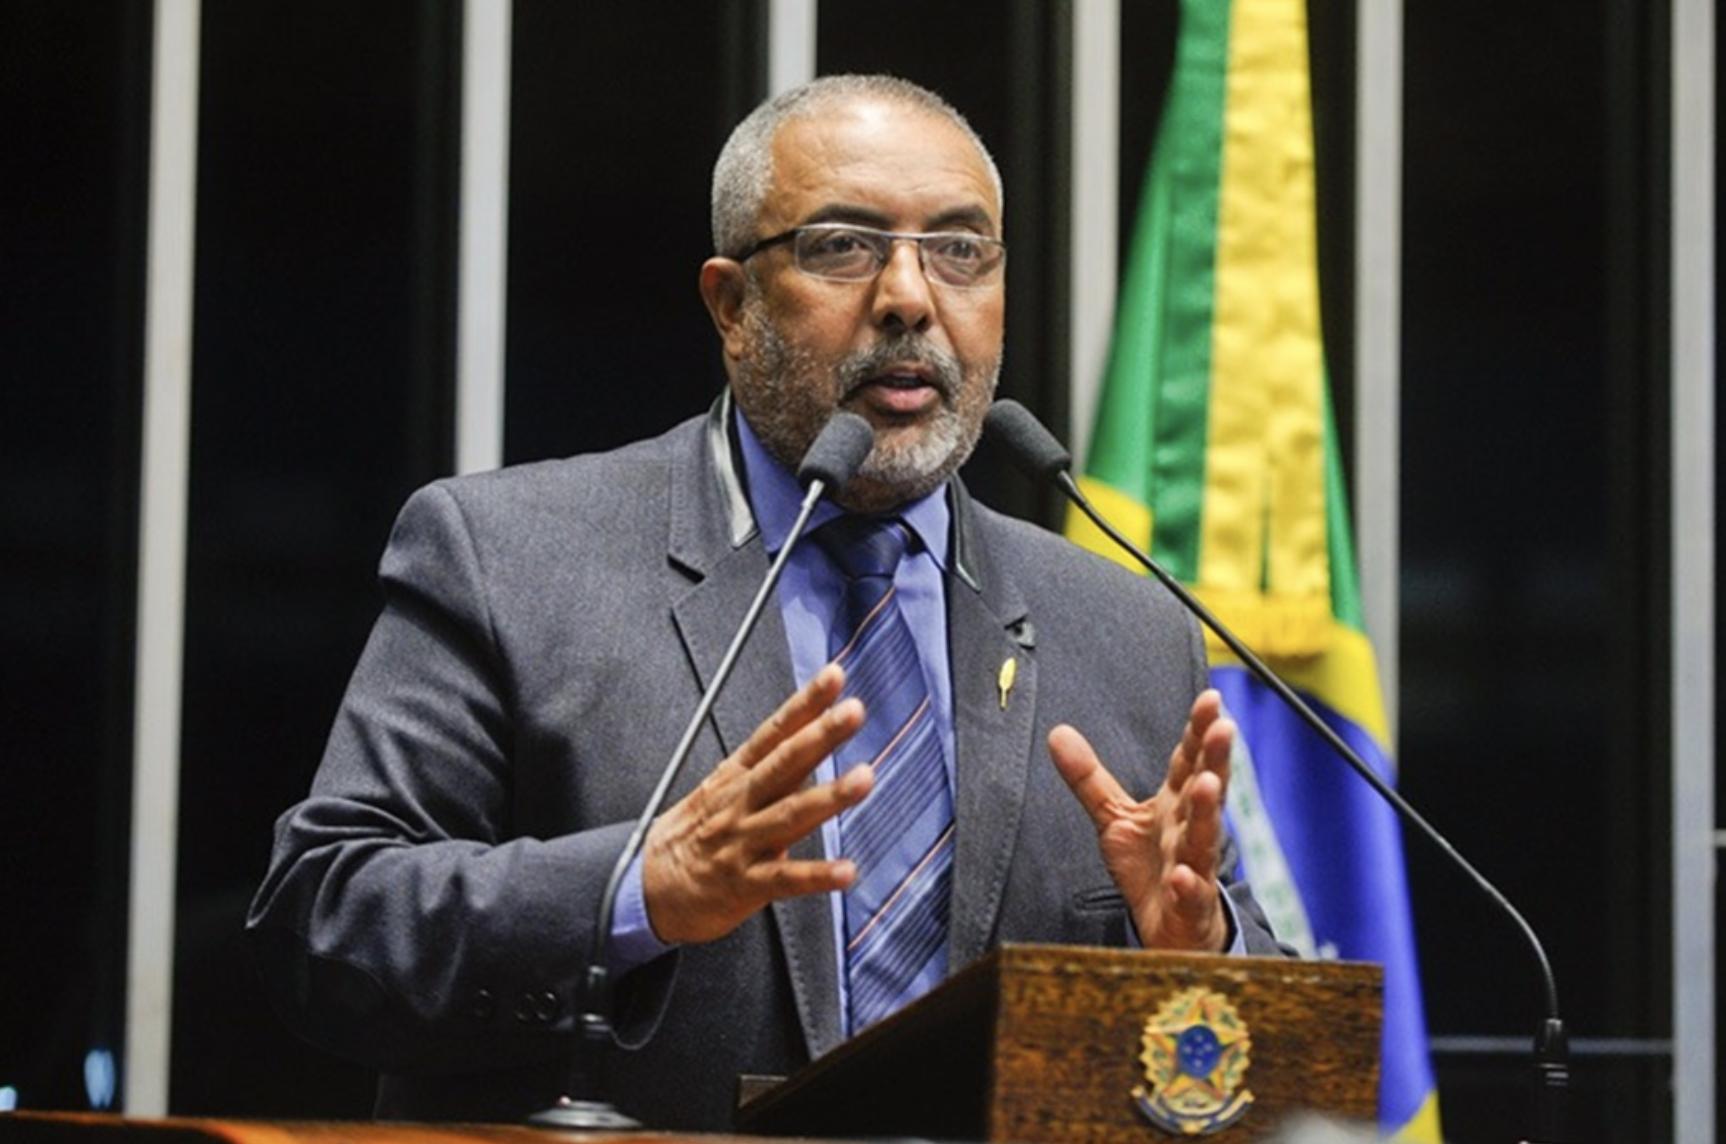 Paim: Se fizerem como no Chile, brasileiro vai se aposentar com meio salário mínimo